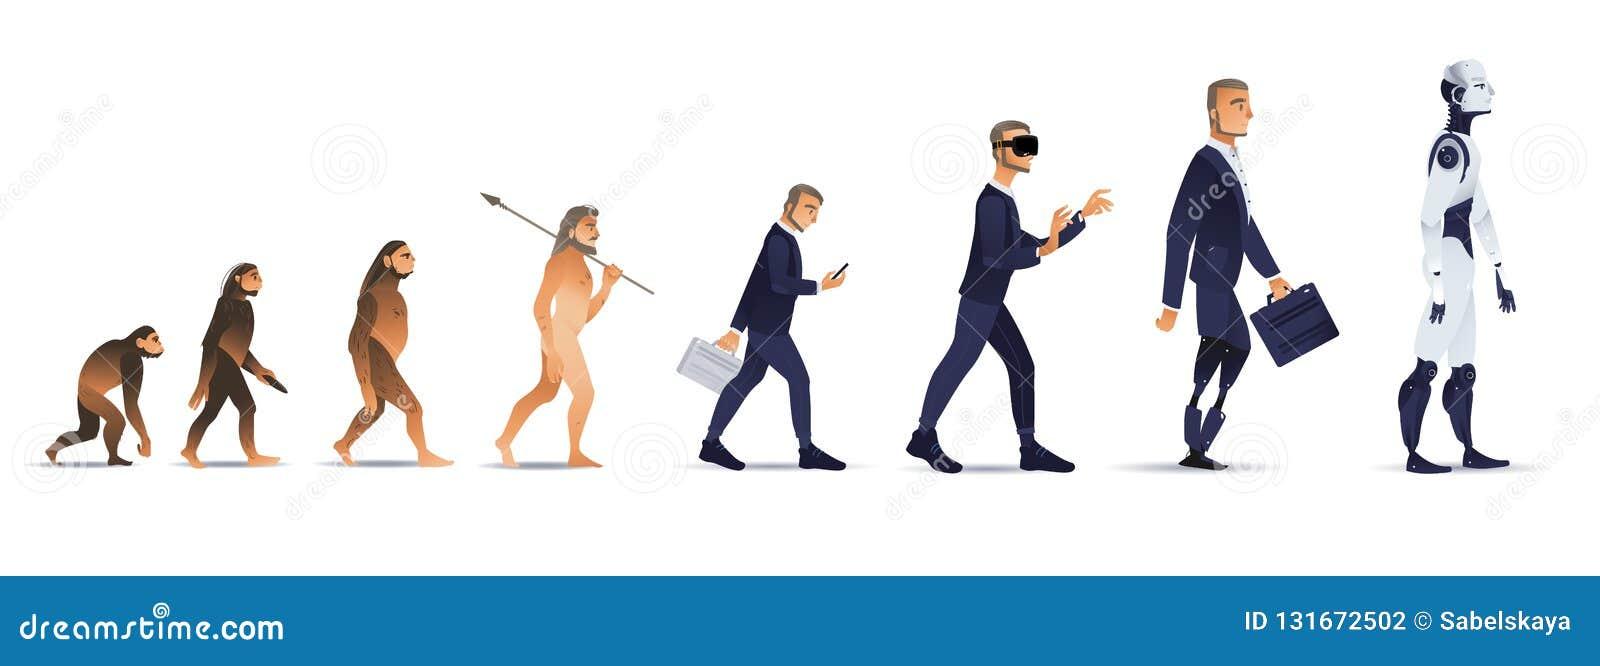 Развитие людей вектора от обезьяны к роботу